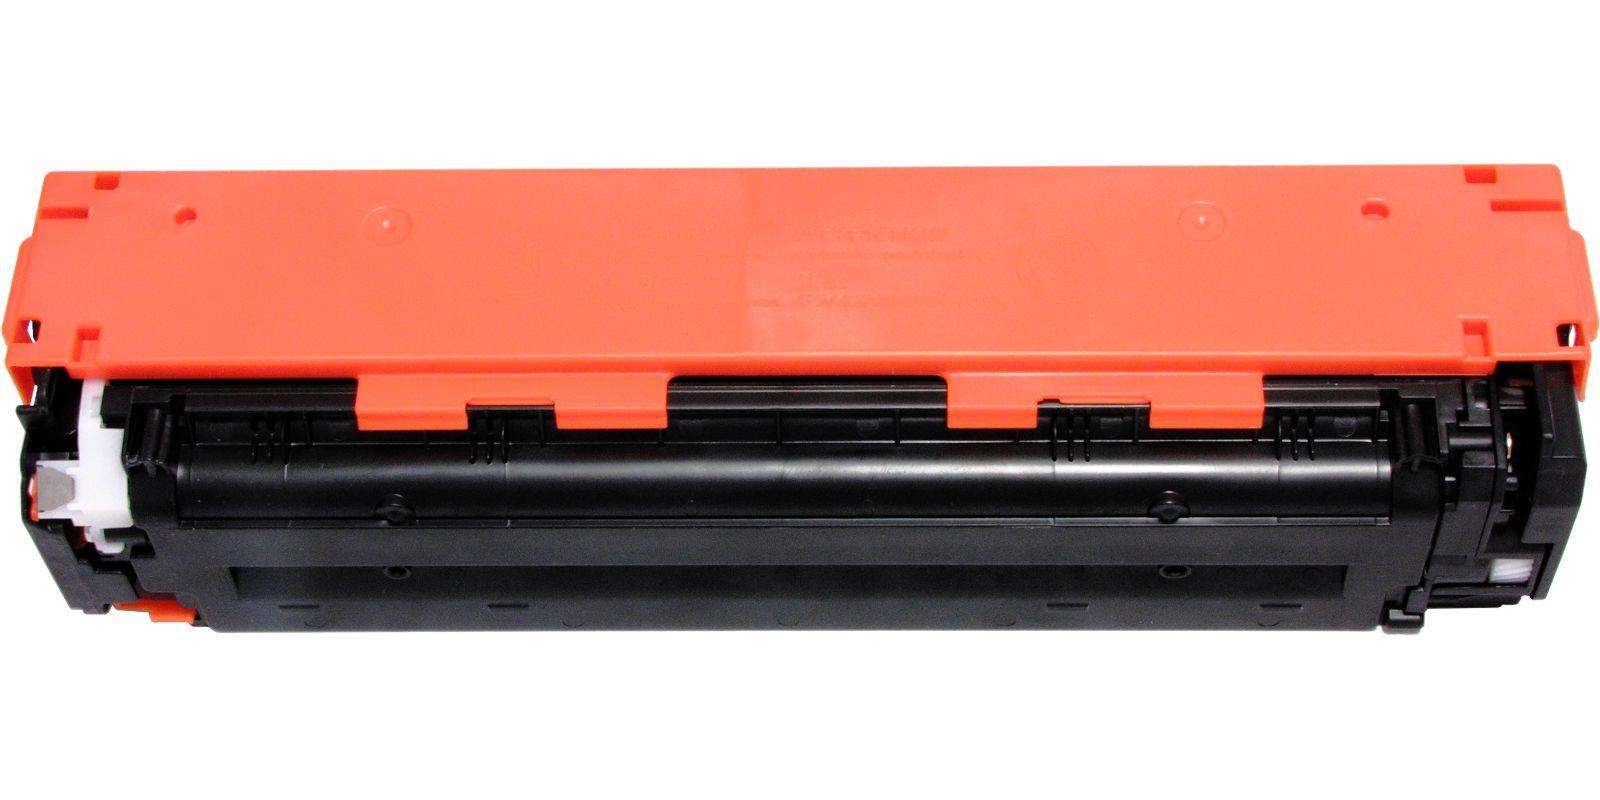 Картридж лазерный цветной Office Pro© 128A CE320A черный (black), до 2000 стр.